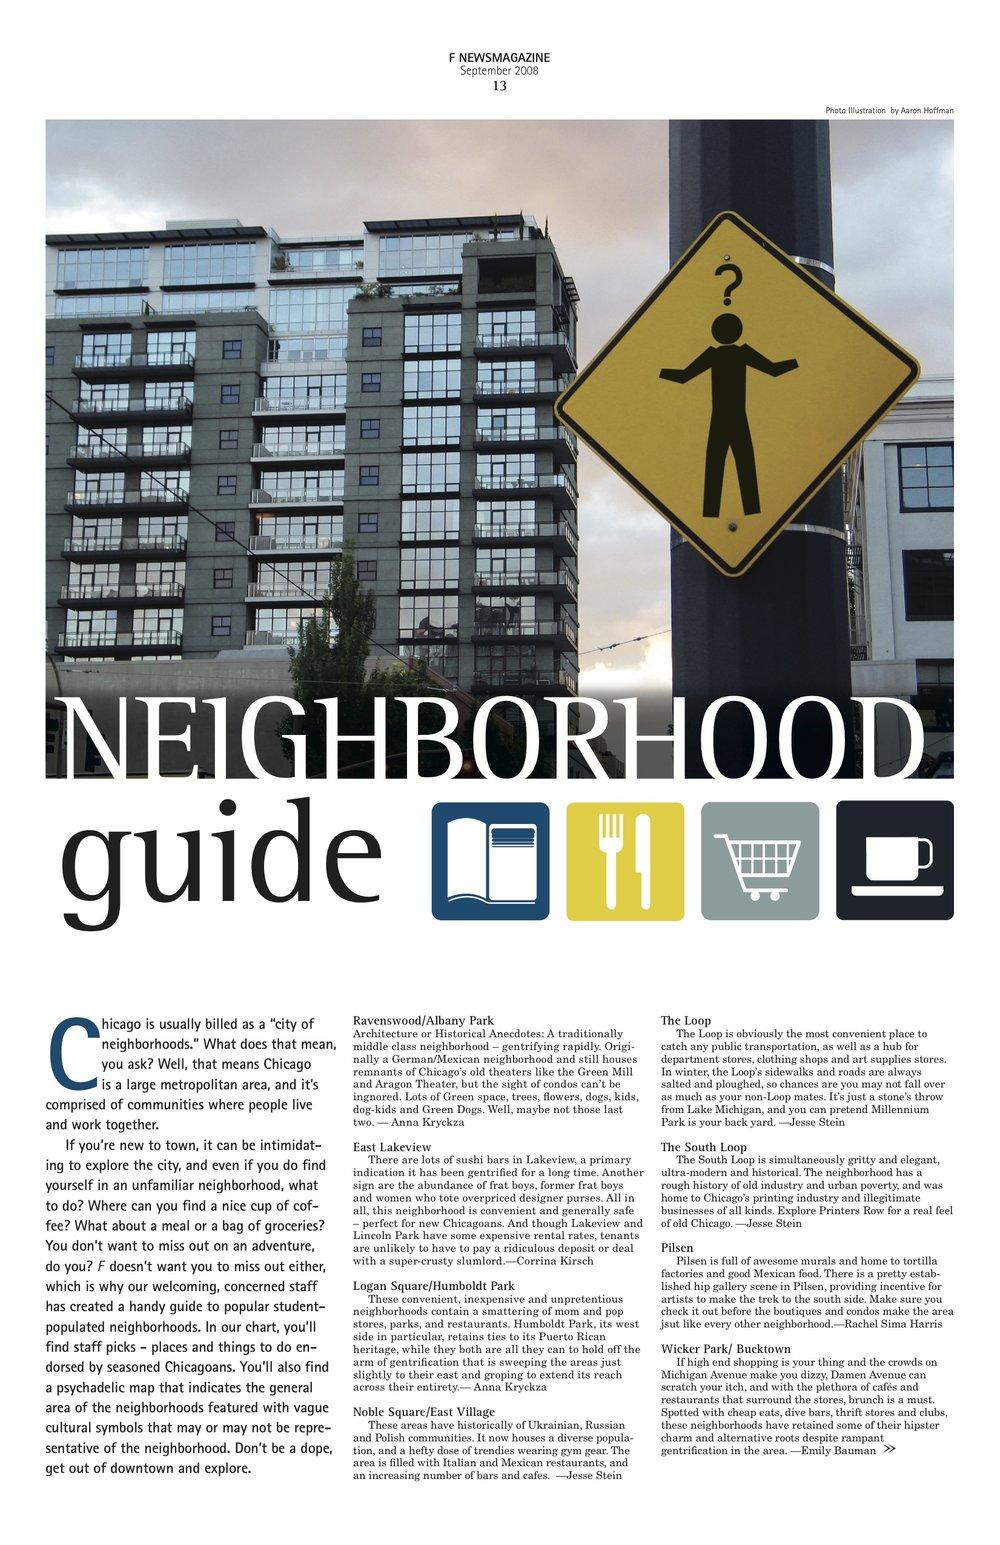 Neighborhood Guide image